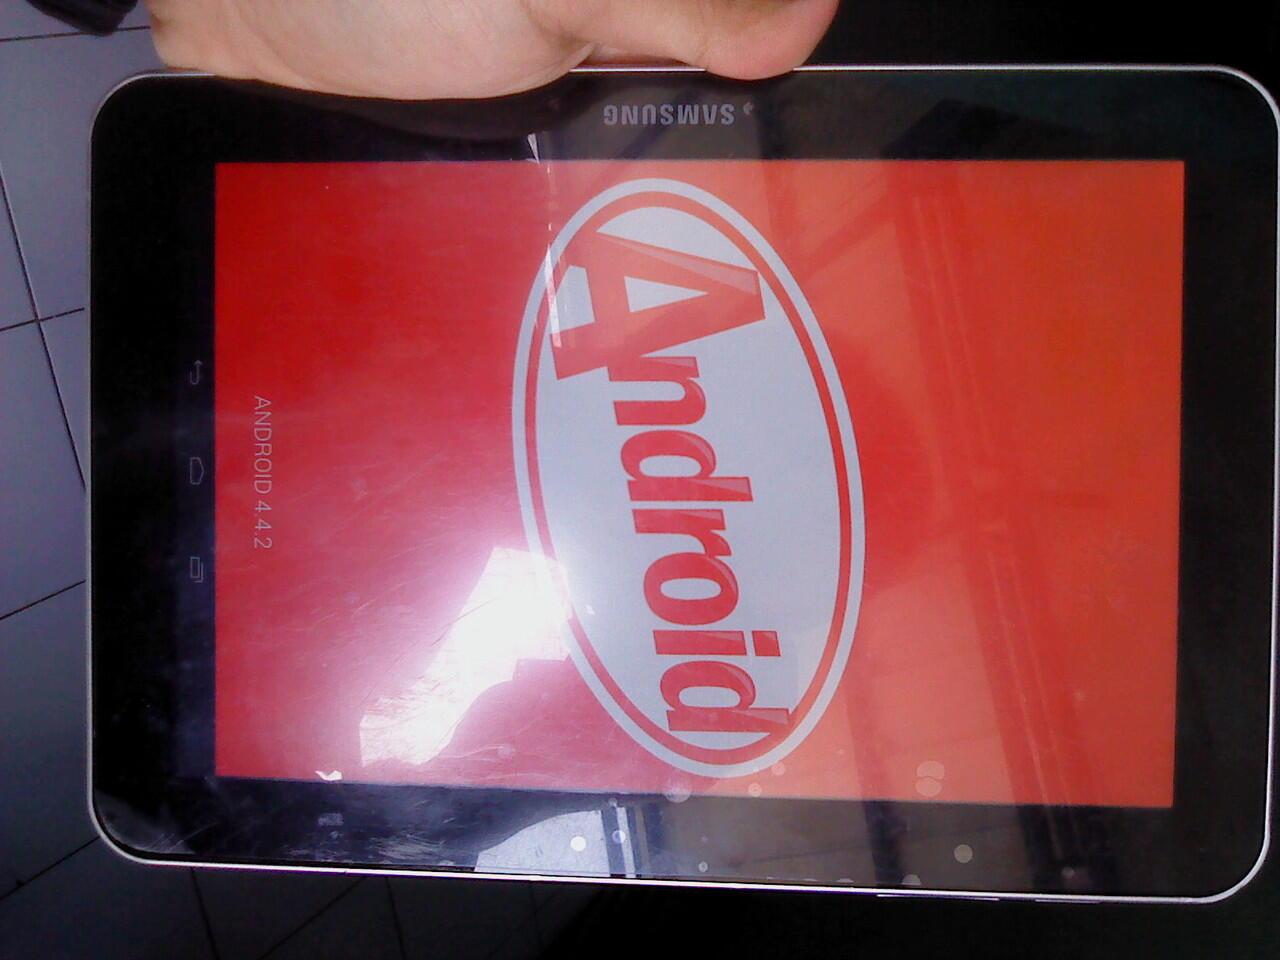 Galaxy Tab 8.9 Batangan BU